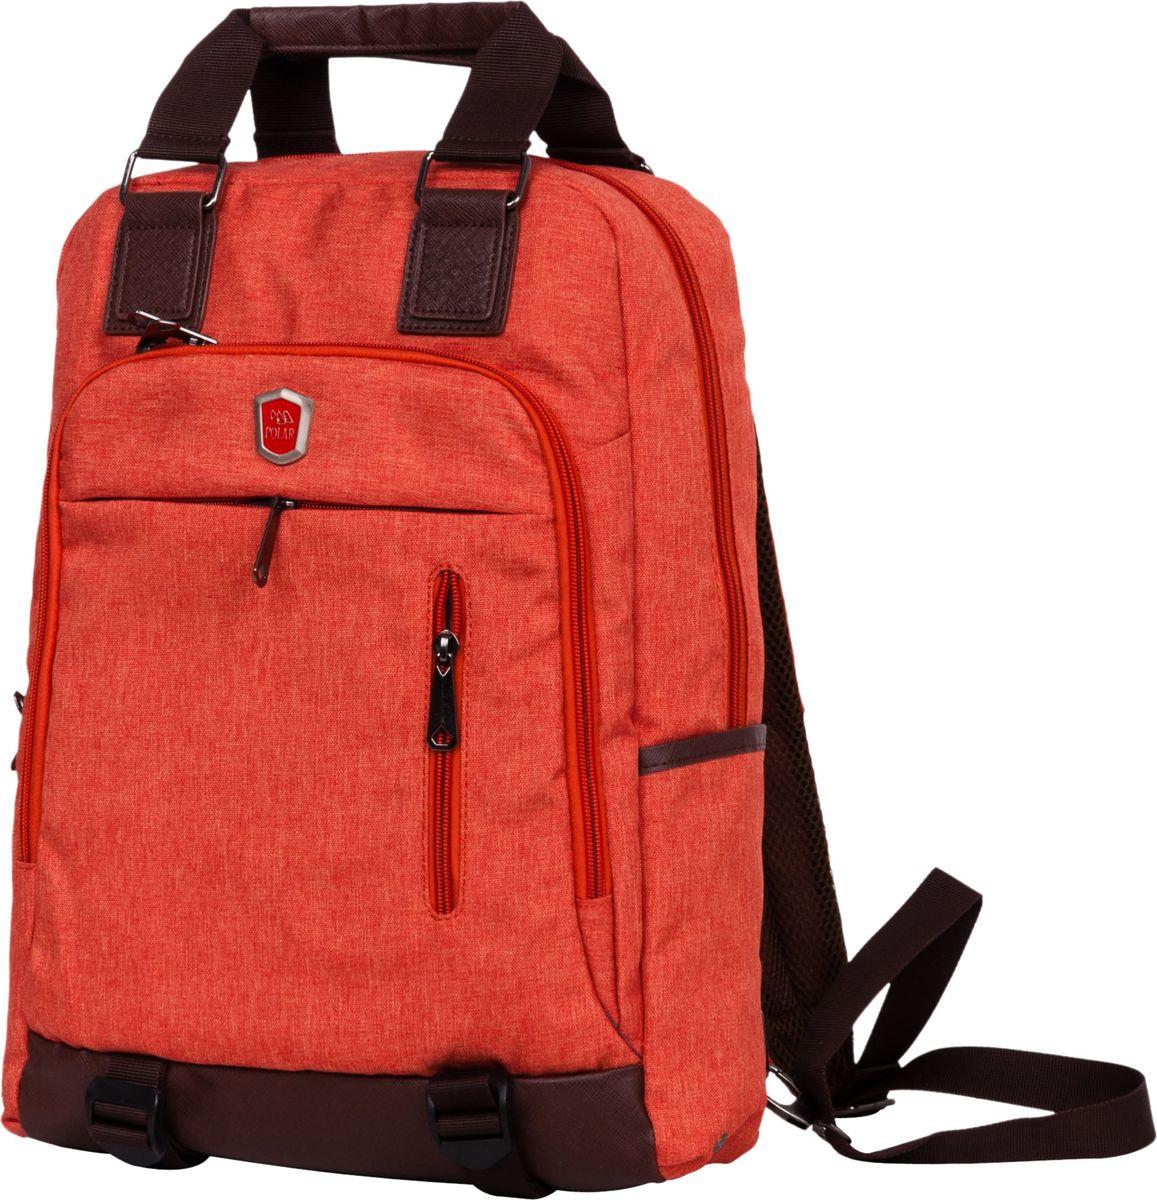 Рюкзак-сумка городской Polar, цвет: оранжевый, 12 л. 541-7541-7Сумка-рюкзак Polar имеет одно вместительное отделение, которое закрывается на молнию. Внутри расположены два больших кармана из сетчатого материала, и отделение под ноутбук или планшет (28 х 33 х 2). Спереди сумки расположен большой накладной карман на молнии; на клапане есть два дополнительных кармана на молнии для небольших предметов. По бокам расположены два открытых кармана. Лямки пристегиваются карабинами и регулируются по длине. Сзади расположен большой открытый карман на липучке, куда можно спрятать лямки, и переносить сумку в руке. Сверху расположены ручки высотой 11 см. Края карманов, ручки и дно обработаны вставками из экокожи.